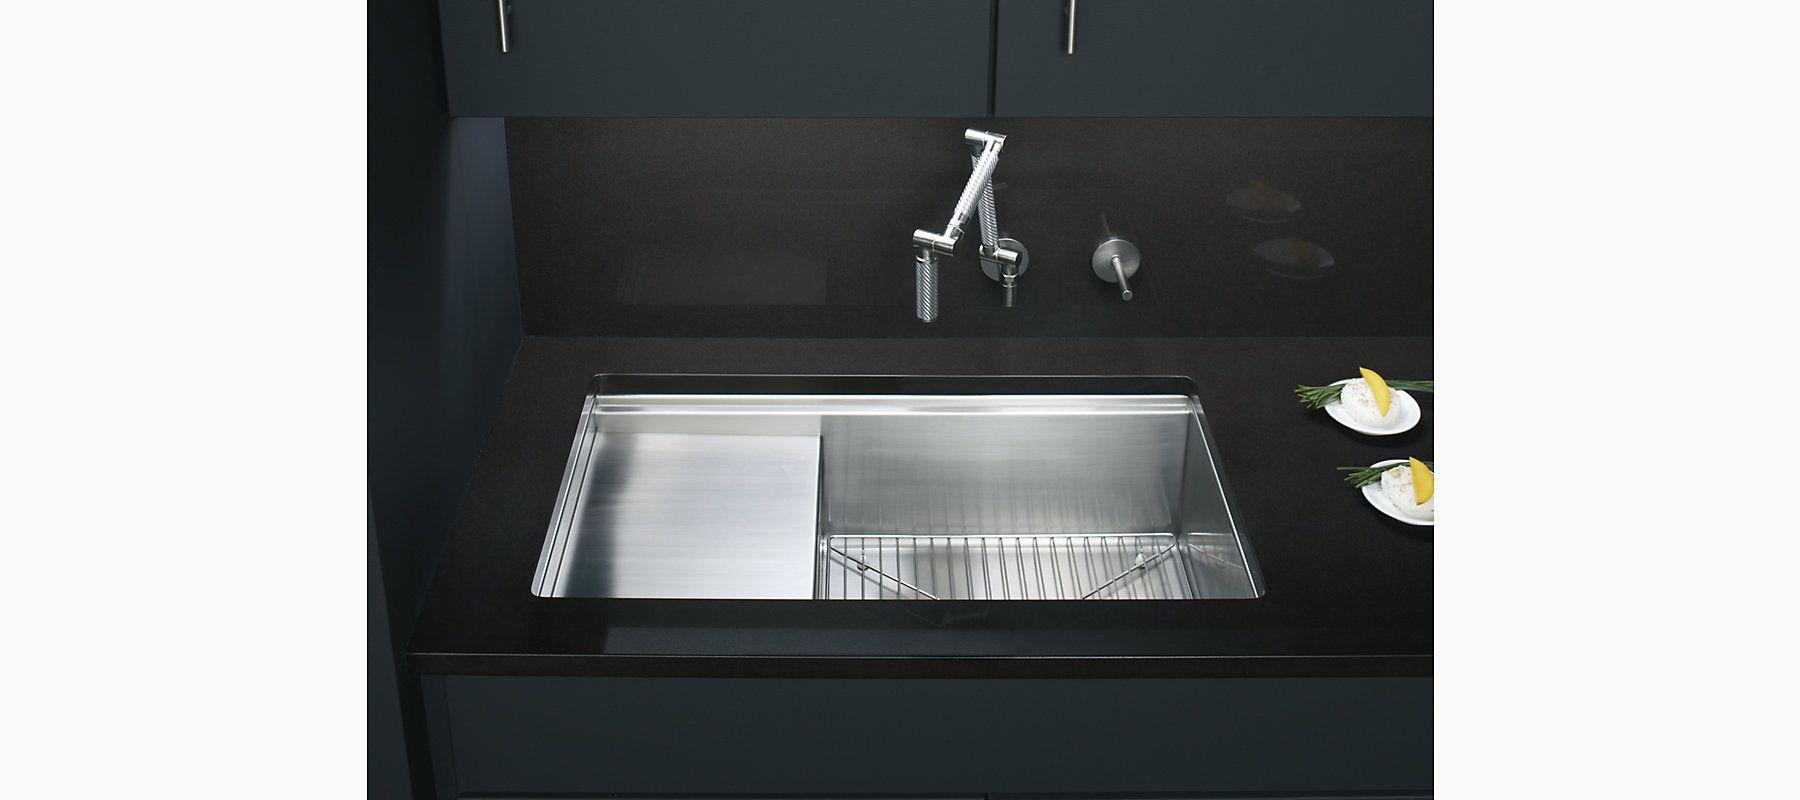 Kitchen Sink under mount kitchen sink photos : Stages 33-Inch Under-Mount Kitchen Sink | K-3760 | KOHLER the ...